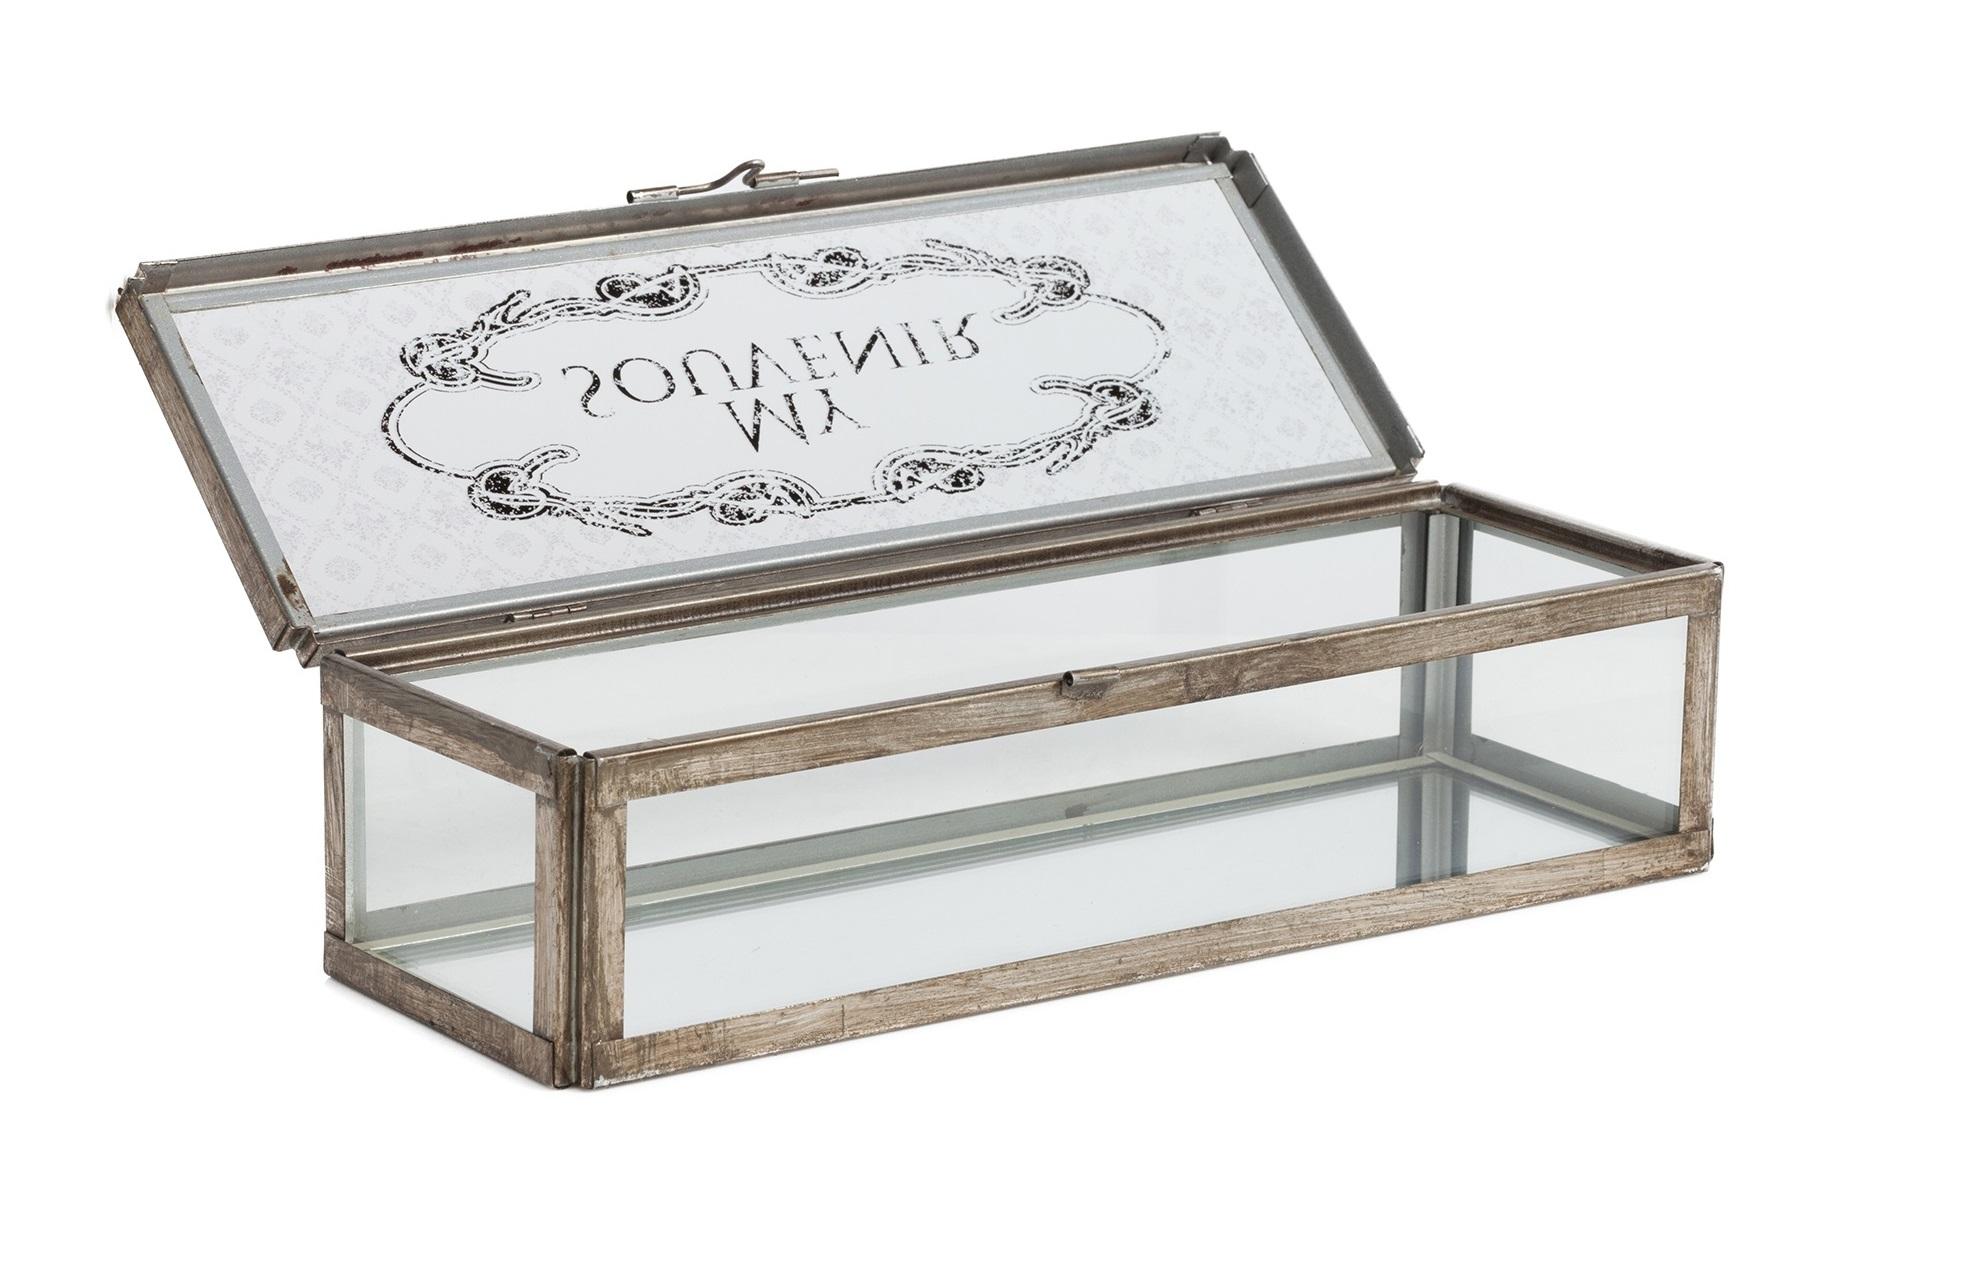 Коробка для ювелирных украшений AlanaКоробки<br>&amp;lt;div&amp;gt;Материал: Стекло, Металл&amp;lt;/div&amp;gt;&amp;lt;div&amp;gt;&amp;lt;br&amp;gt;&amp;lt;/div&amp;gt;<br><br>Material: Металл<br>Length см: None<br>Width см: 10<br>Depth см: 30,5<br>Height см: 7,5